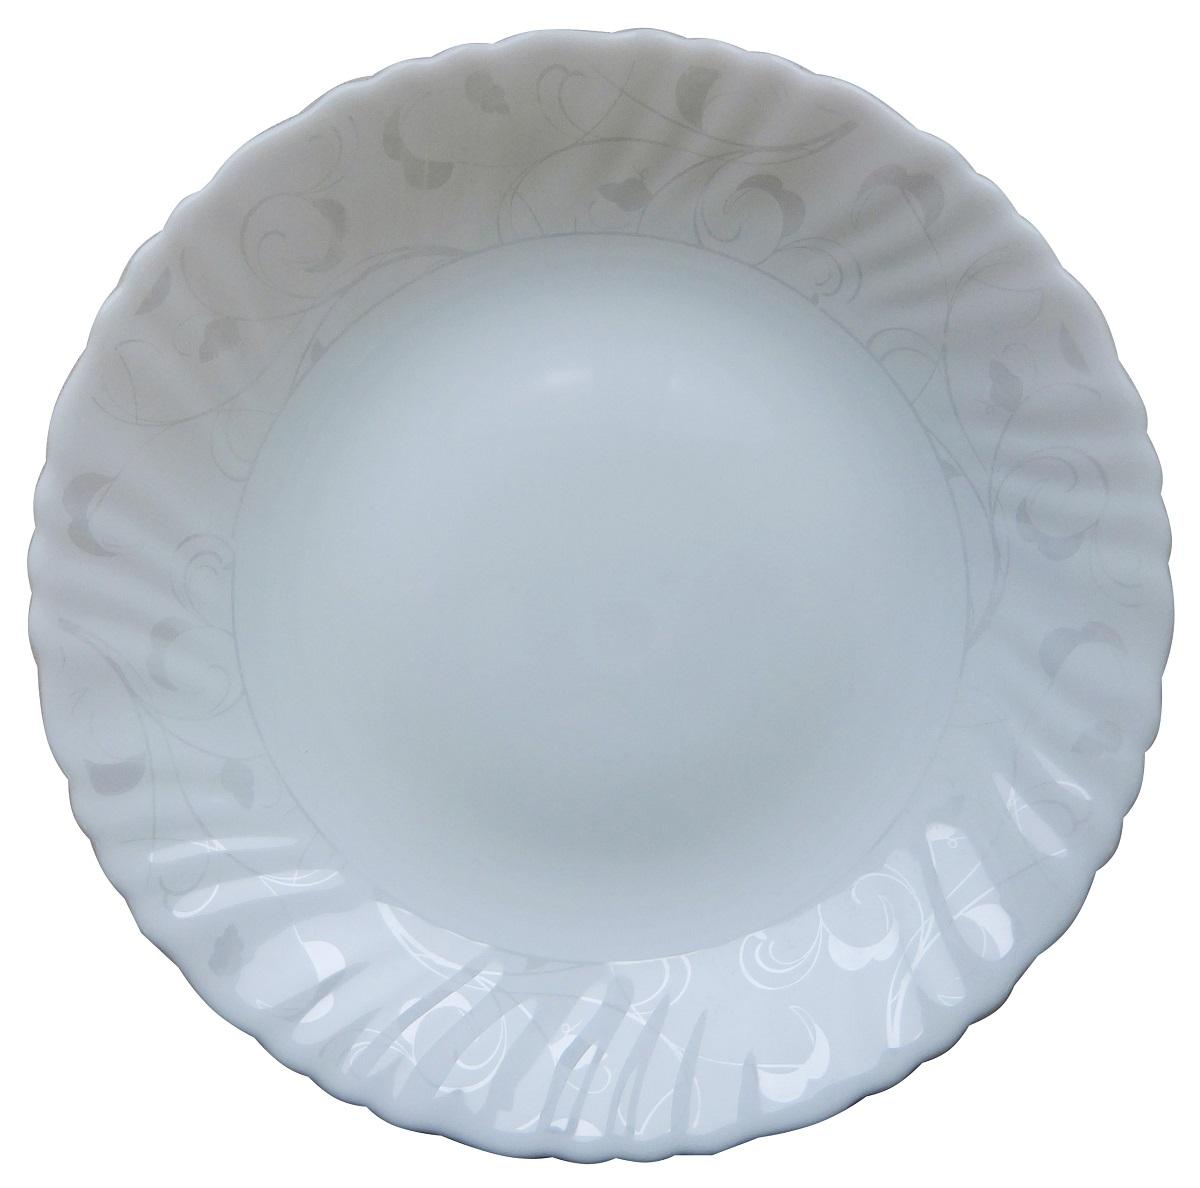 Тарелка обеденная из тонкой стеклокерамики.